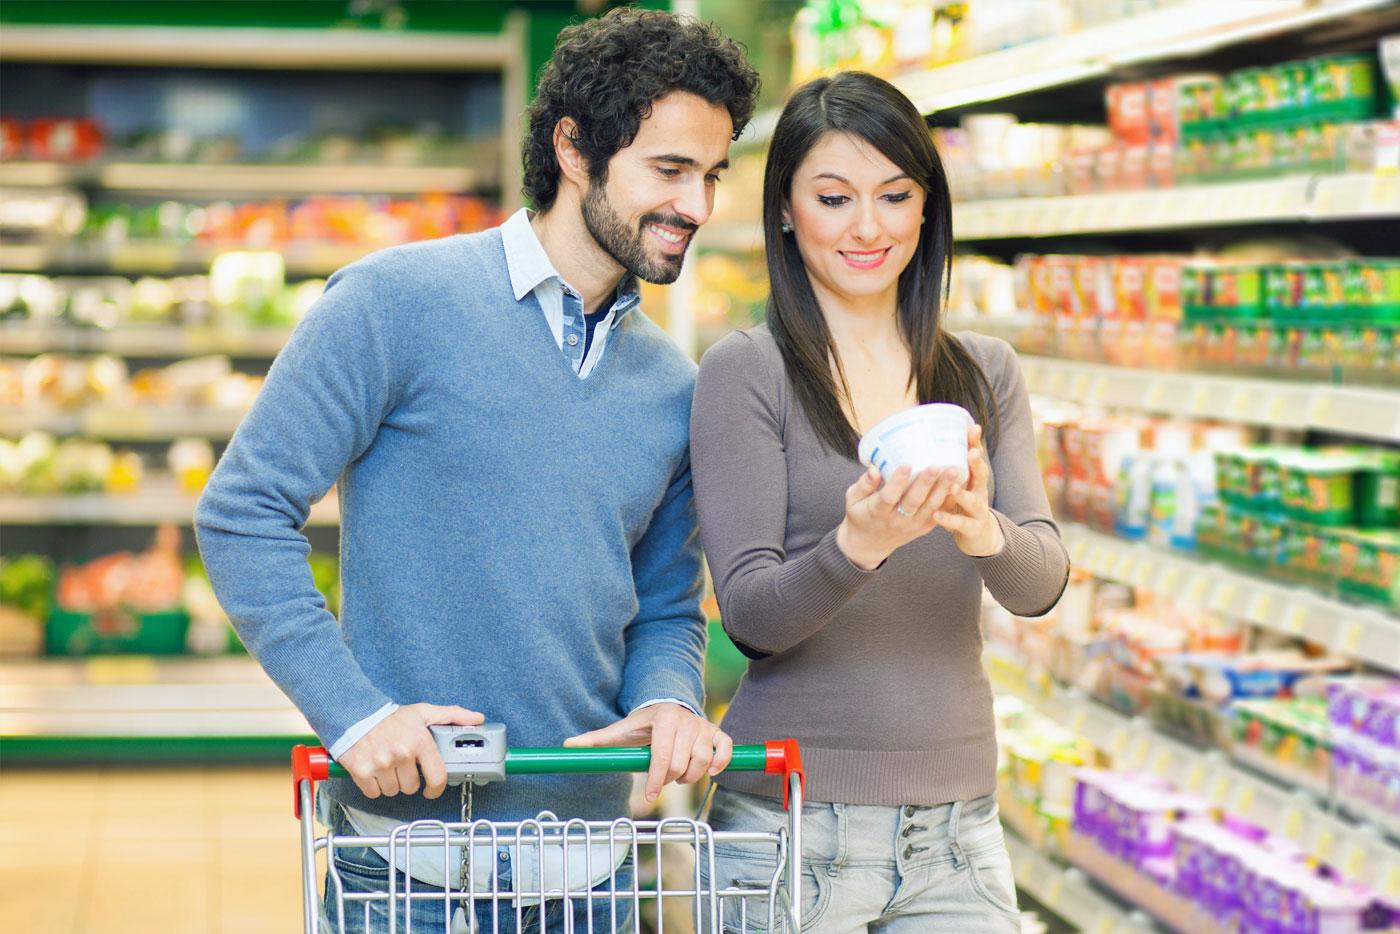 erp supermercados